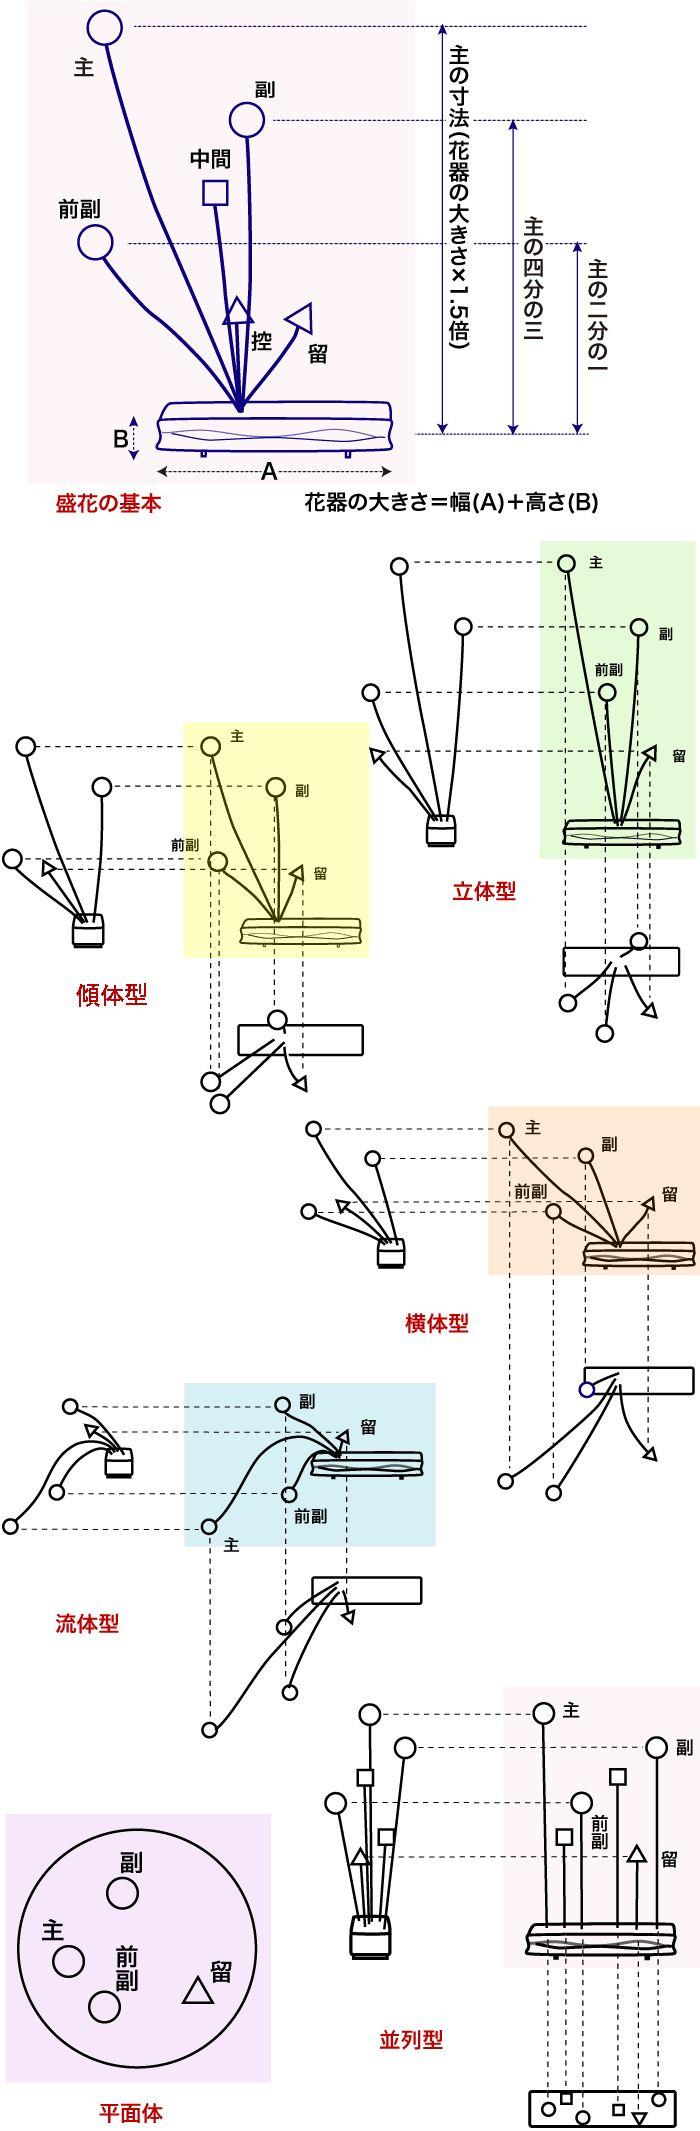 Flower arrangement diagrams